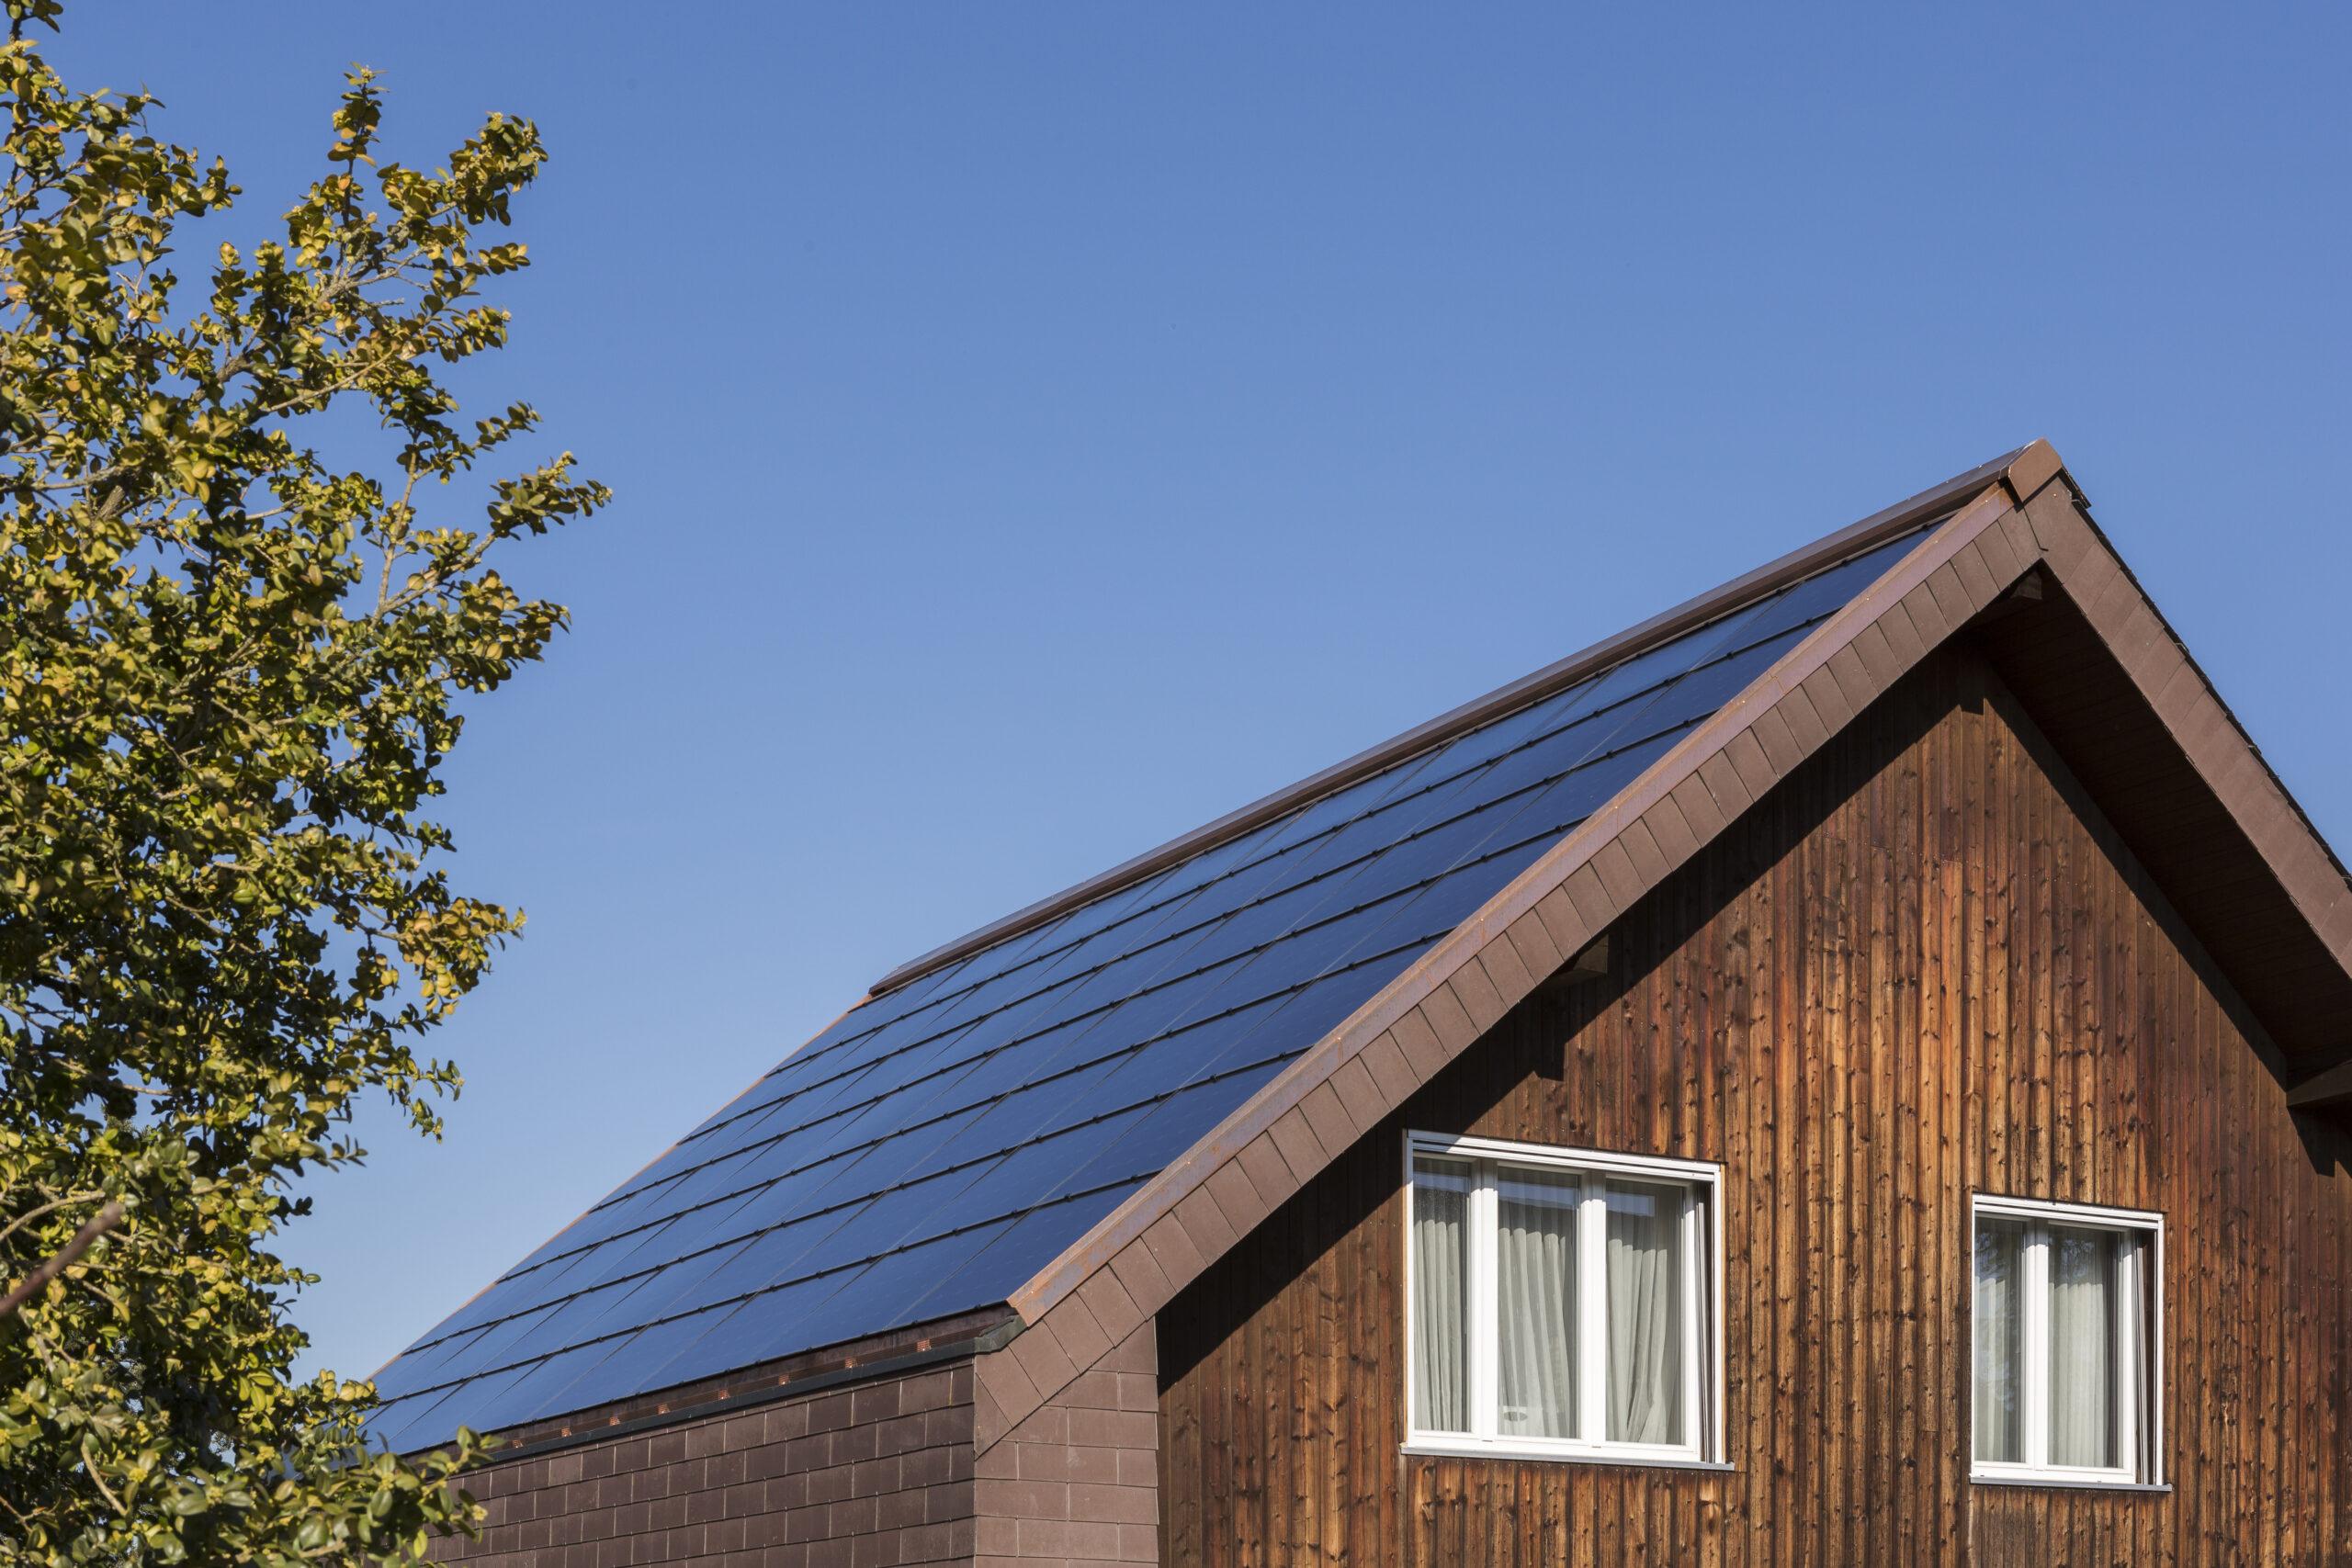 Eine Dachhälfte ist komplett mit Photovoltaik ausgelegt. Wichtig ist, die Grösse der PV-Anlage auf den jährlichen Stromverbrauch abzustimmen.